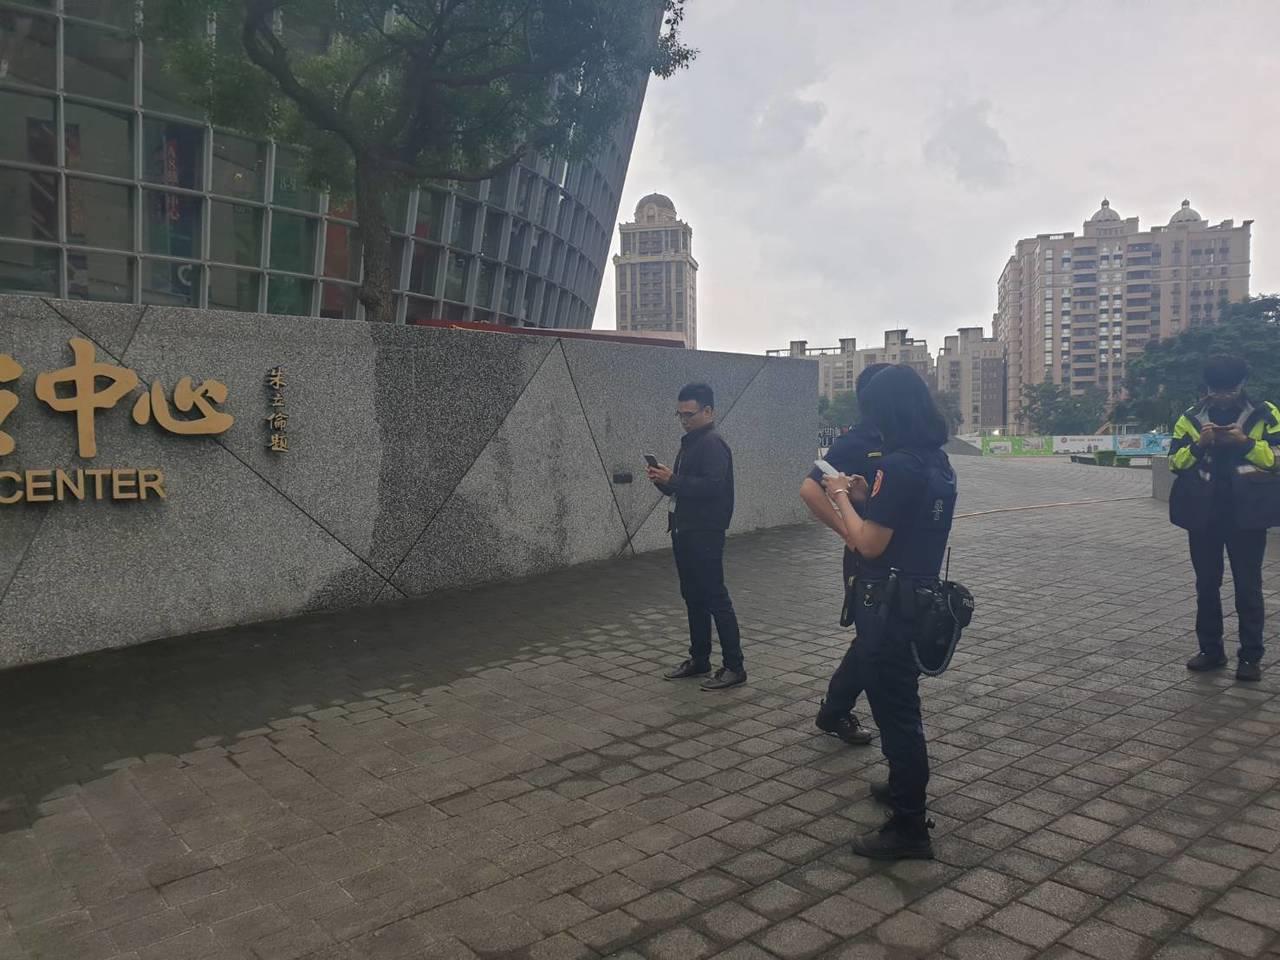 警方到場搜證,同時要調閱周邊監視錄影畫面。圖/桃園市議員余信憲提供